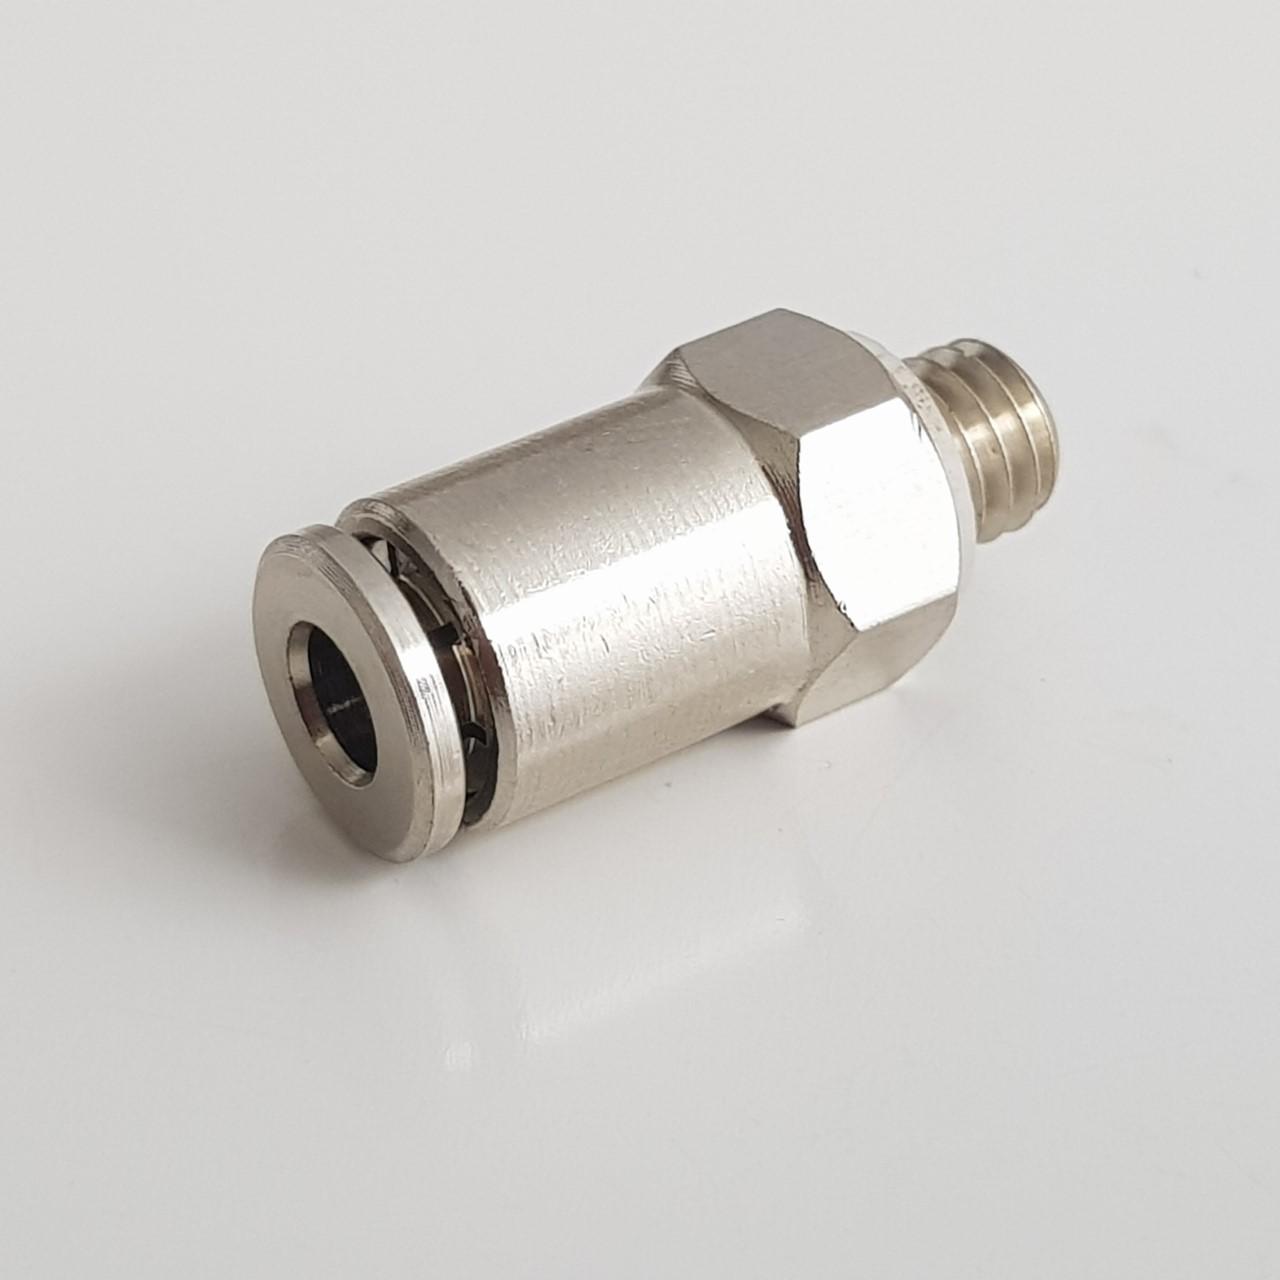 União pneumática p/tubo 4mm M6 Metal